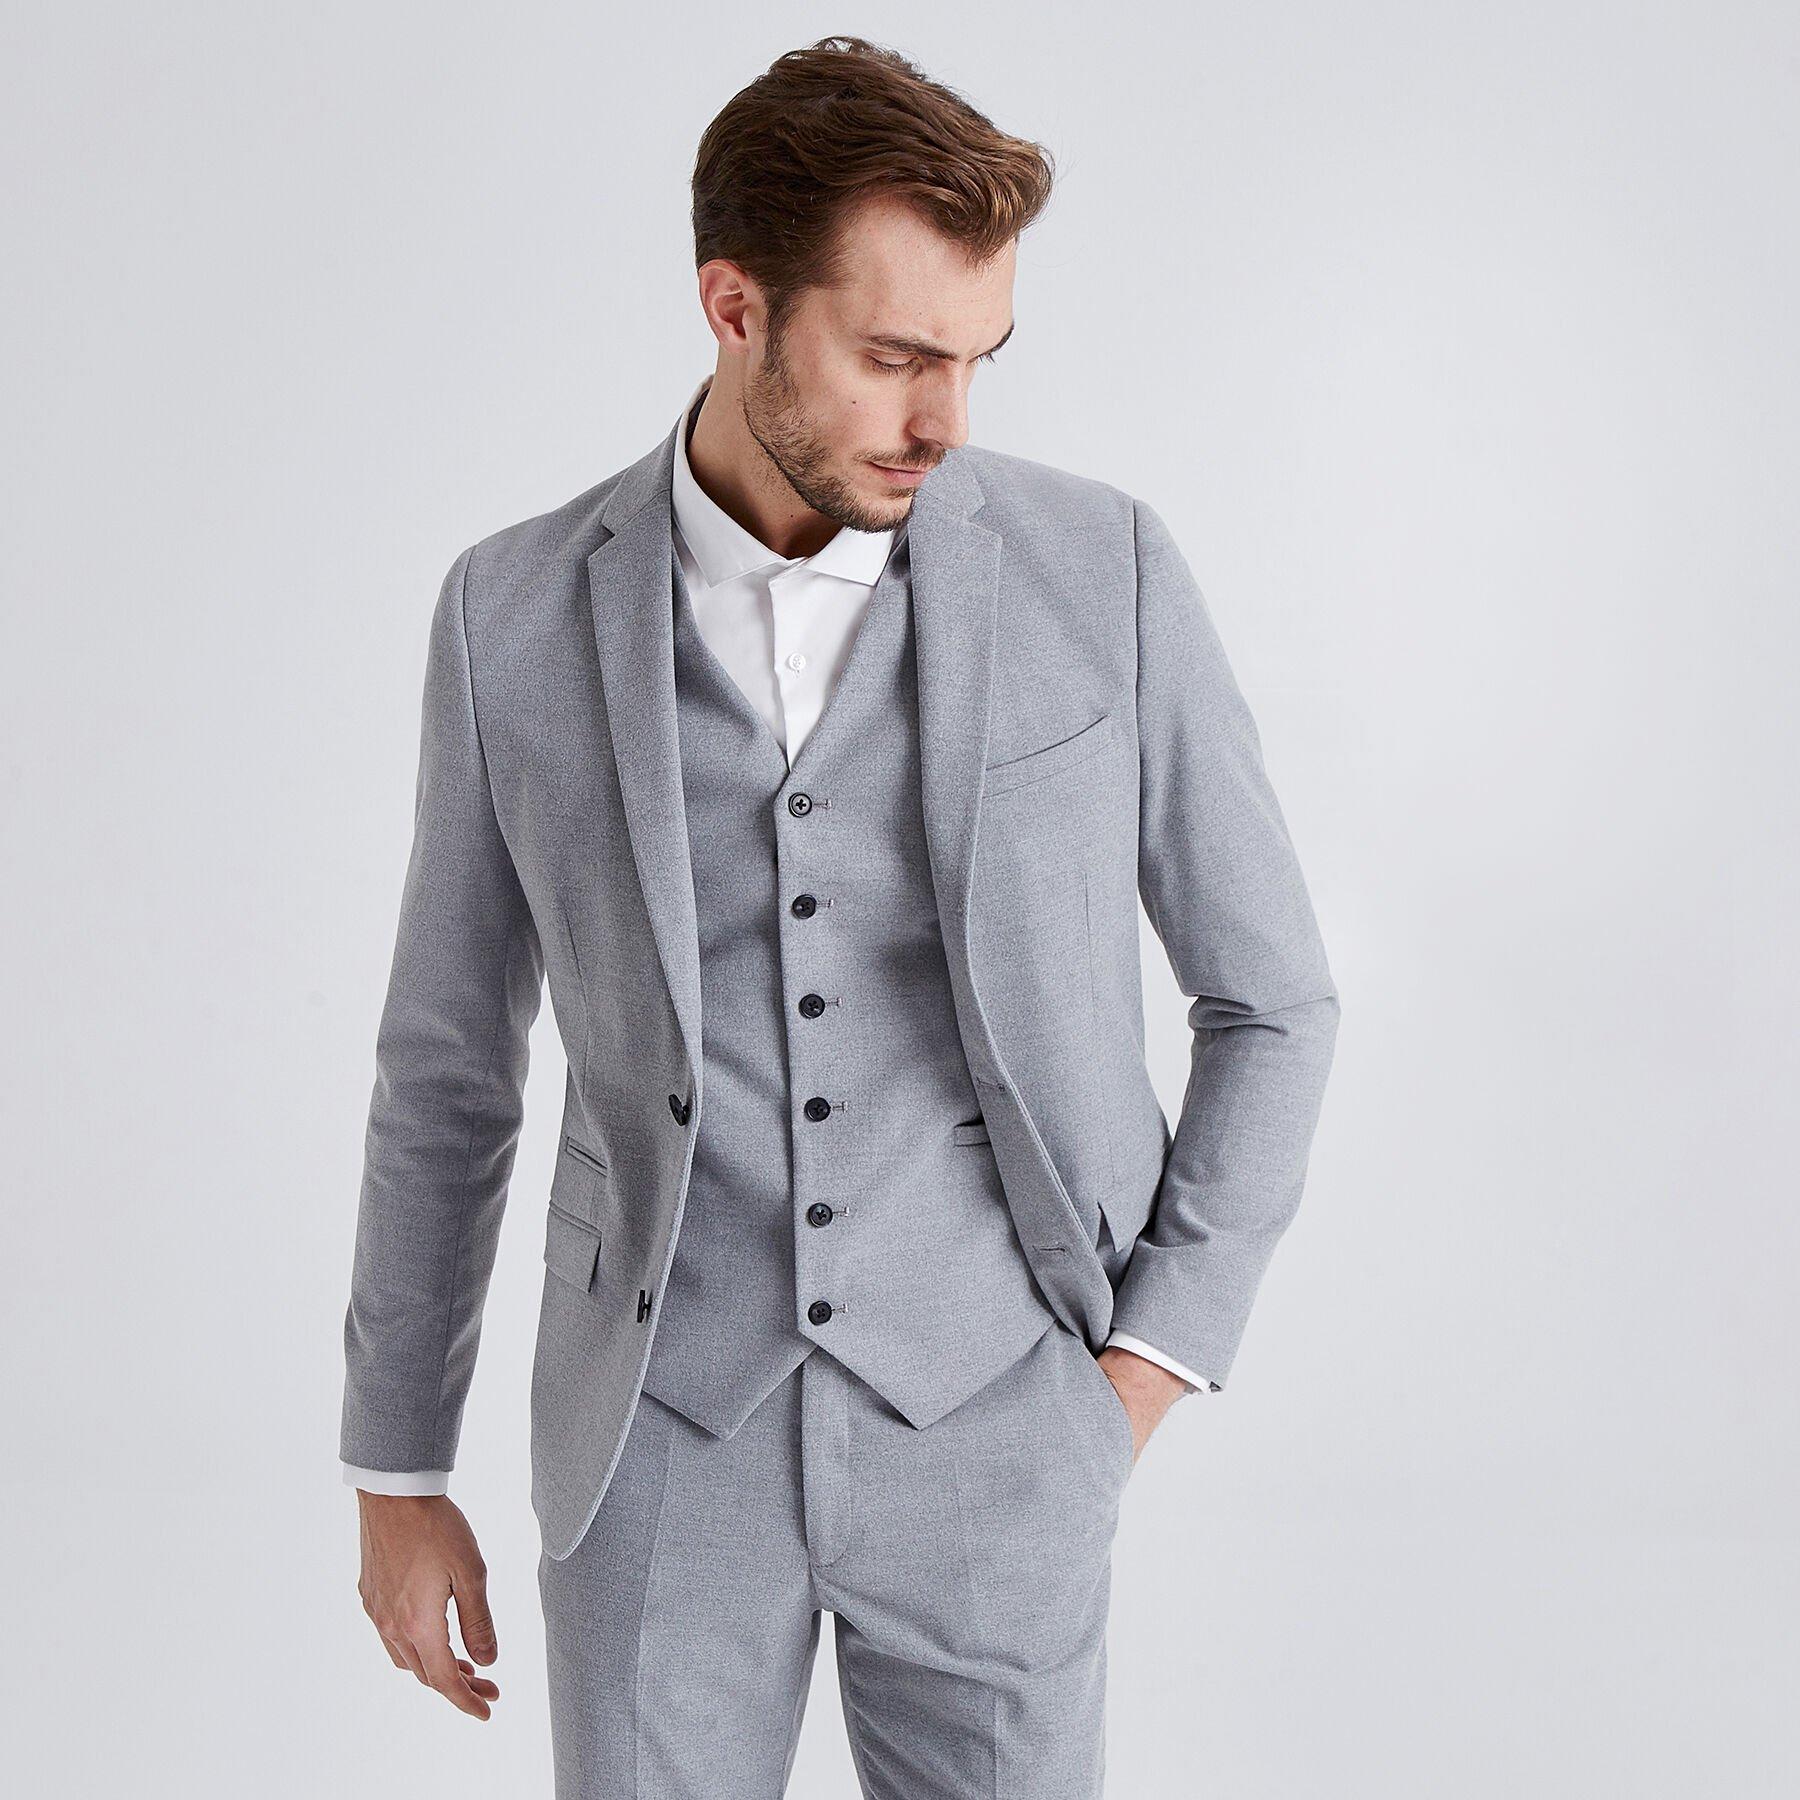 Pantalon Blazer Jules Costume Veste 74teqww Homme BH1aH